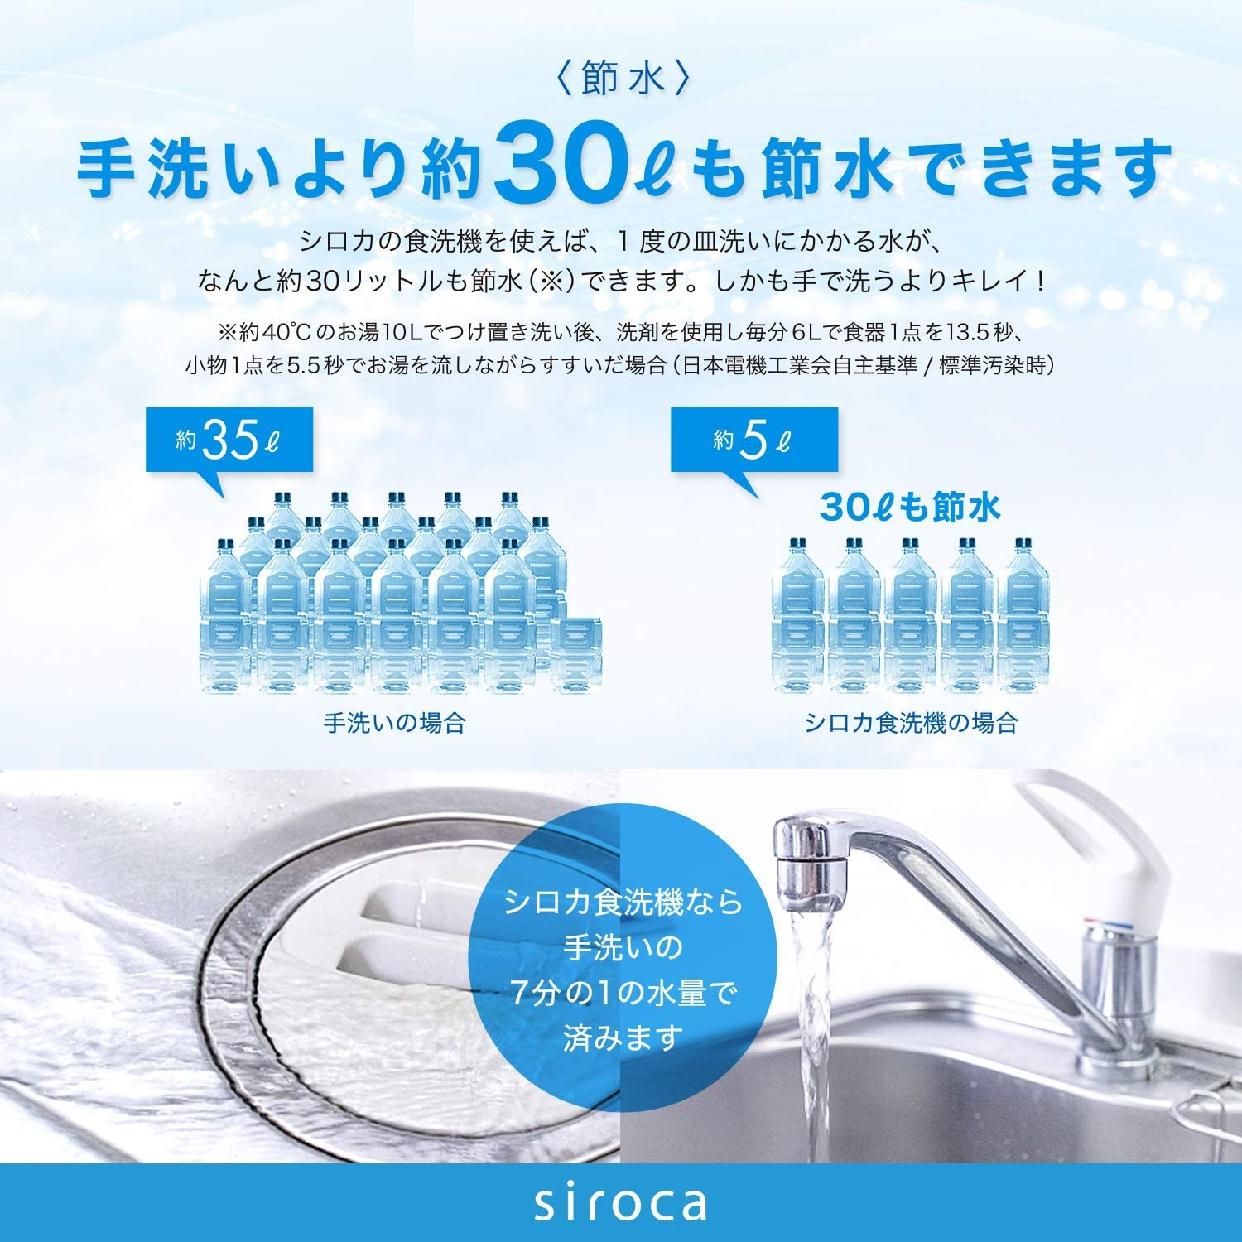 siroca(シロカ) 食器洗い乾燥機 PDW-5D ゴールドの商品画像4